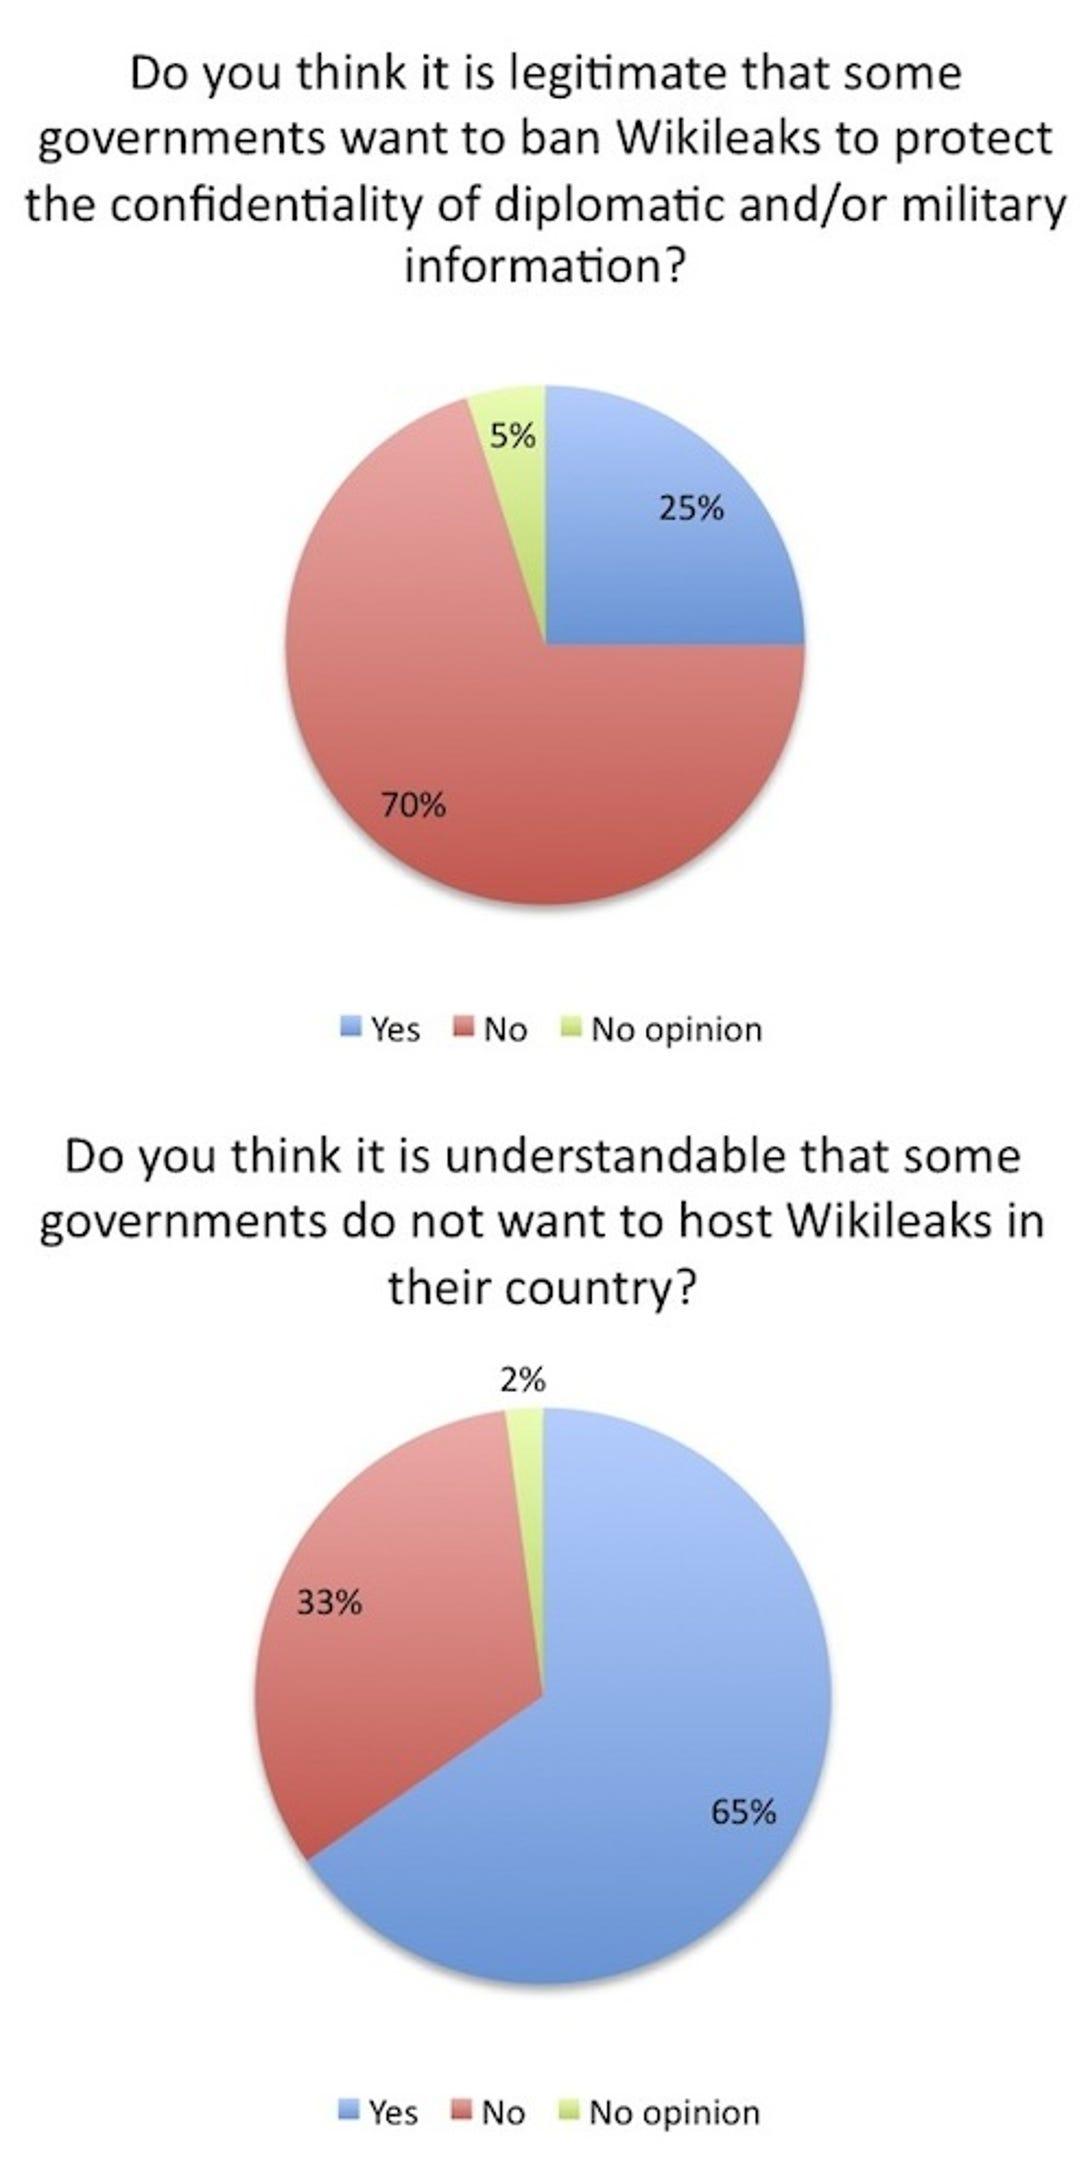 wikichart-3.jpg